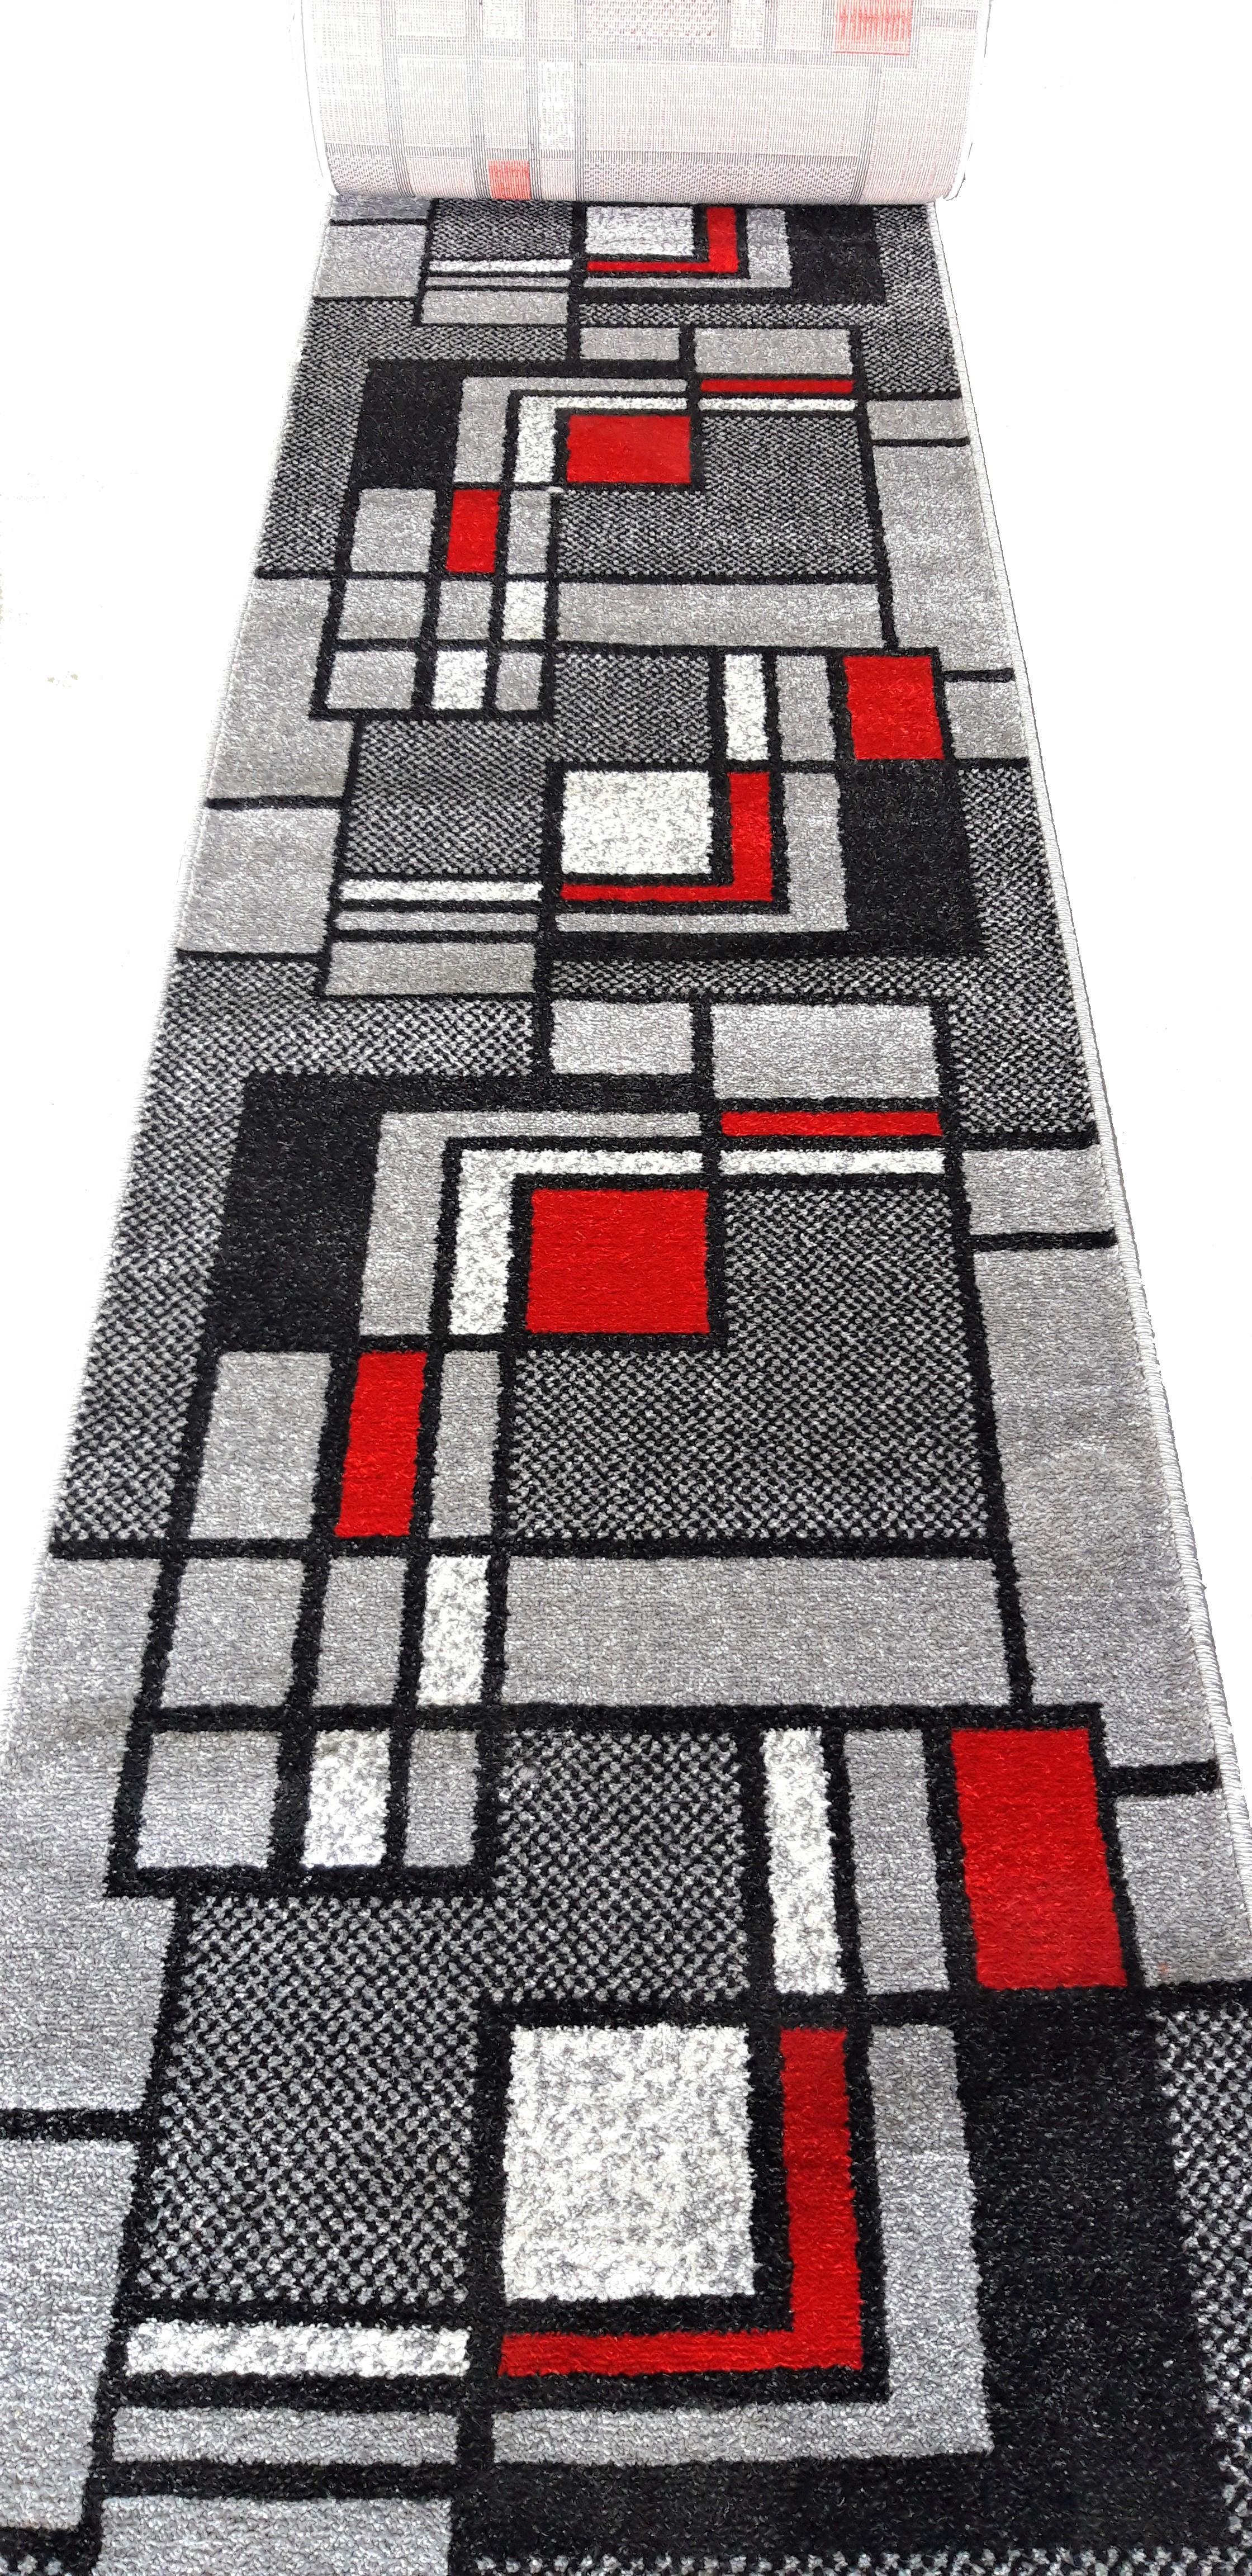 Traversa Covor, Cappuccino 16406, Multicolor, 80x700 cm, 1700 gr/mp, 0.8x7 m. 1